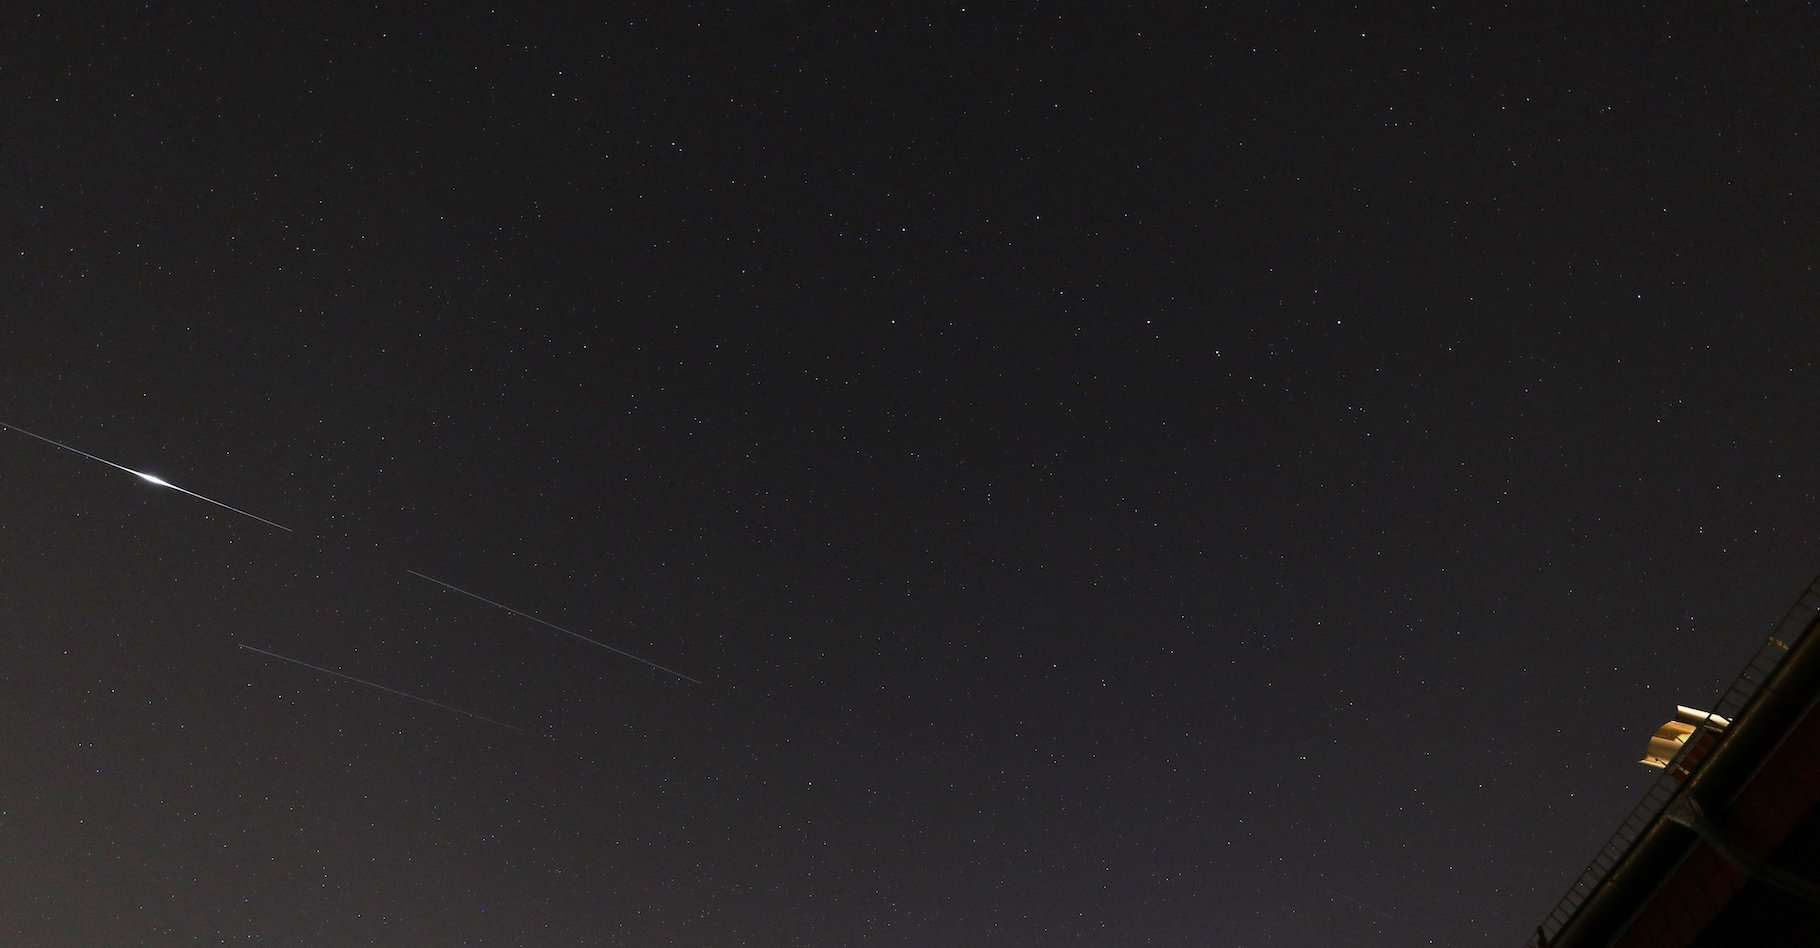 Les satellites de la constellation Starlink ne se contentent pas de zébrer le ciel nocturne. Leurs parties réfléchissantes peuvent aussi provoquer de puissants flashs lumineux. © @HdAstro, Haus der Astronomie, Twitter